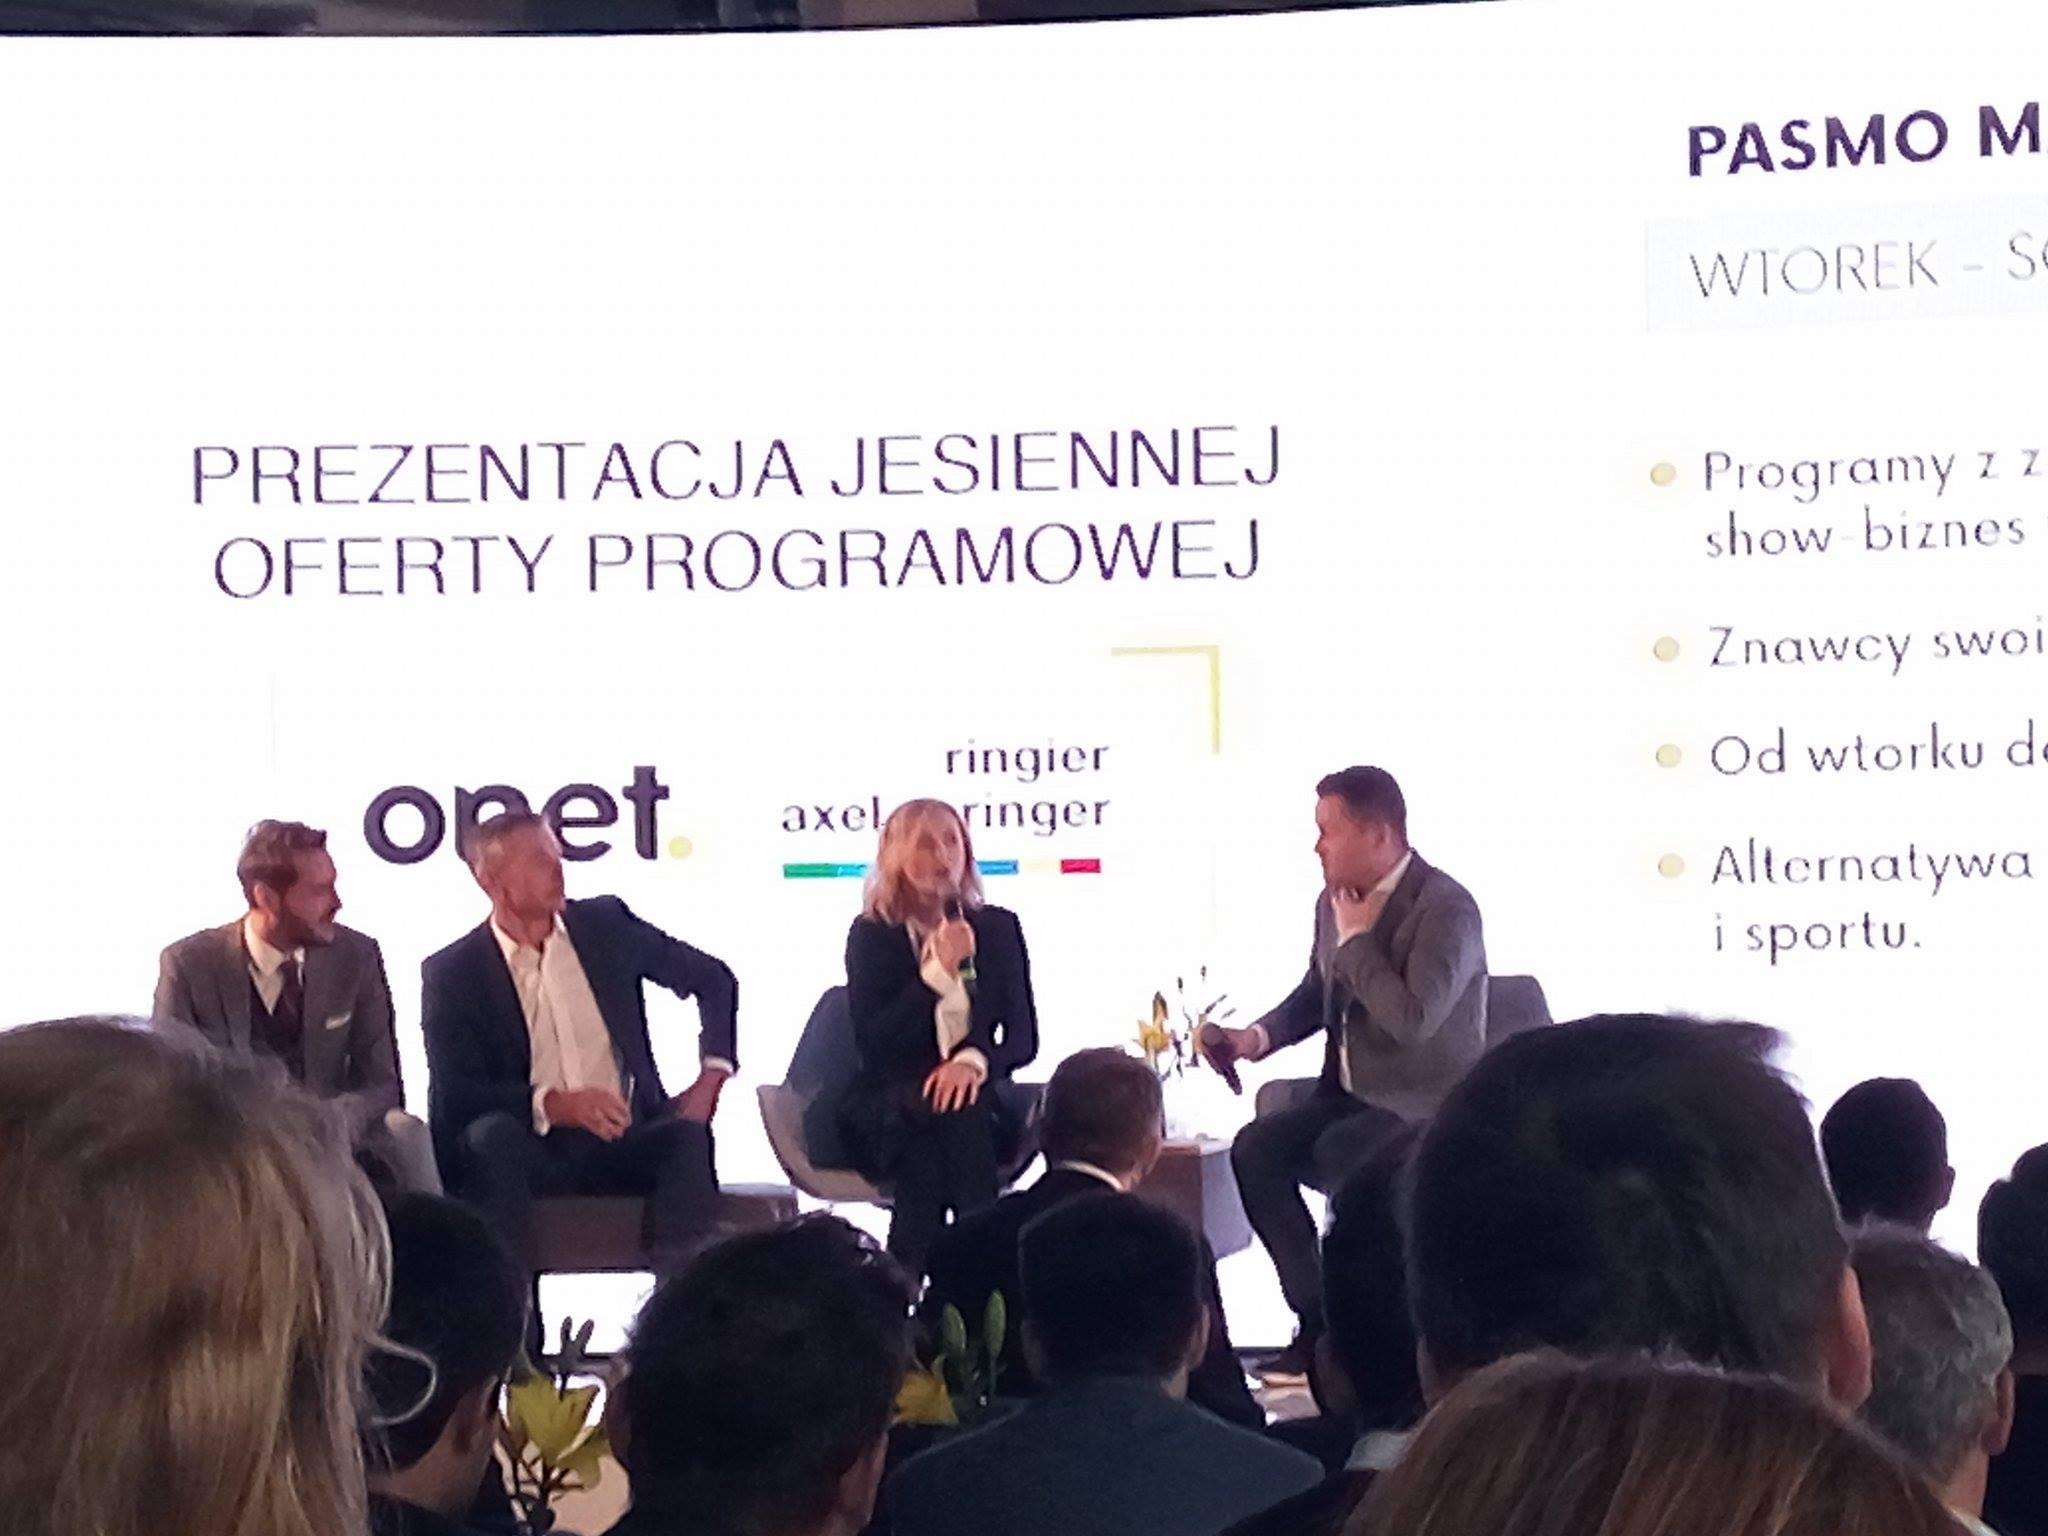 Prezentacja ramówki Onetu. Ol lewej: Marcin Cejrowski, Łukasz Grass, Katarzyna Janowska, Jarosław Kuźniar